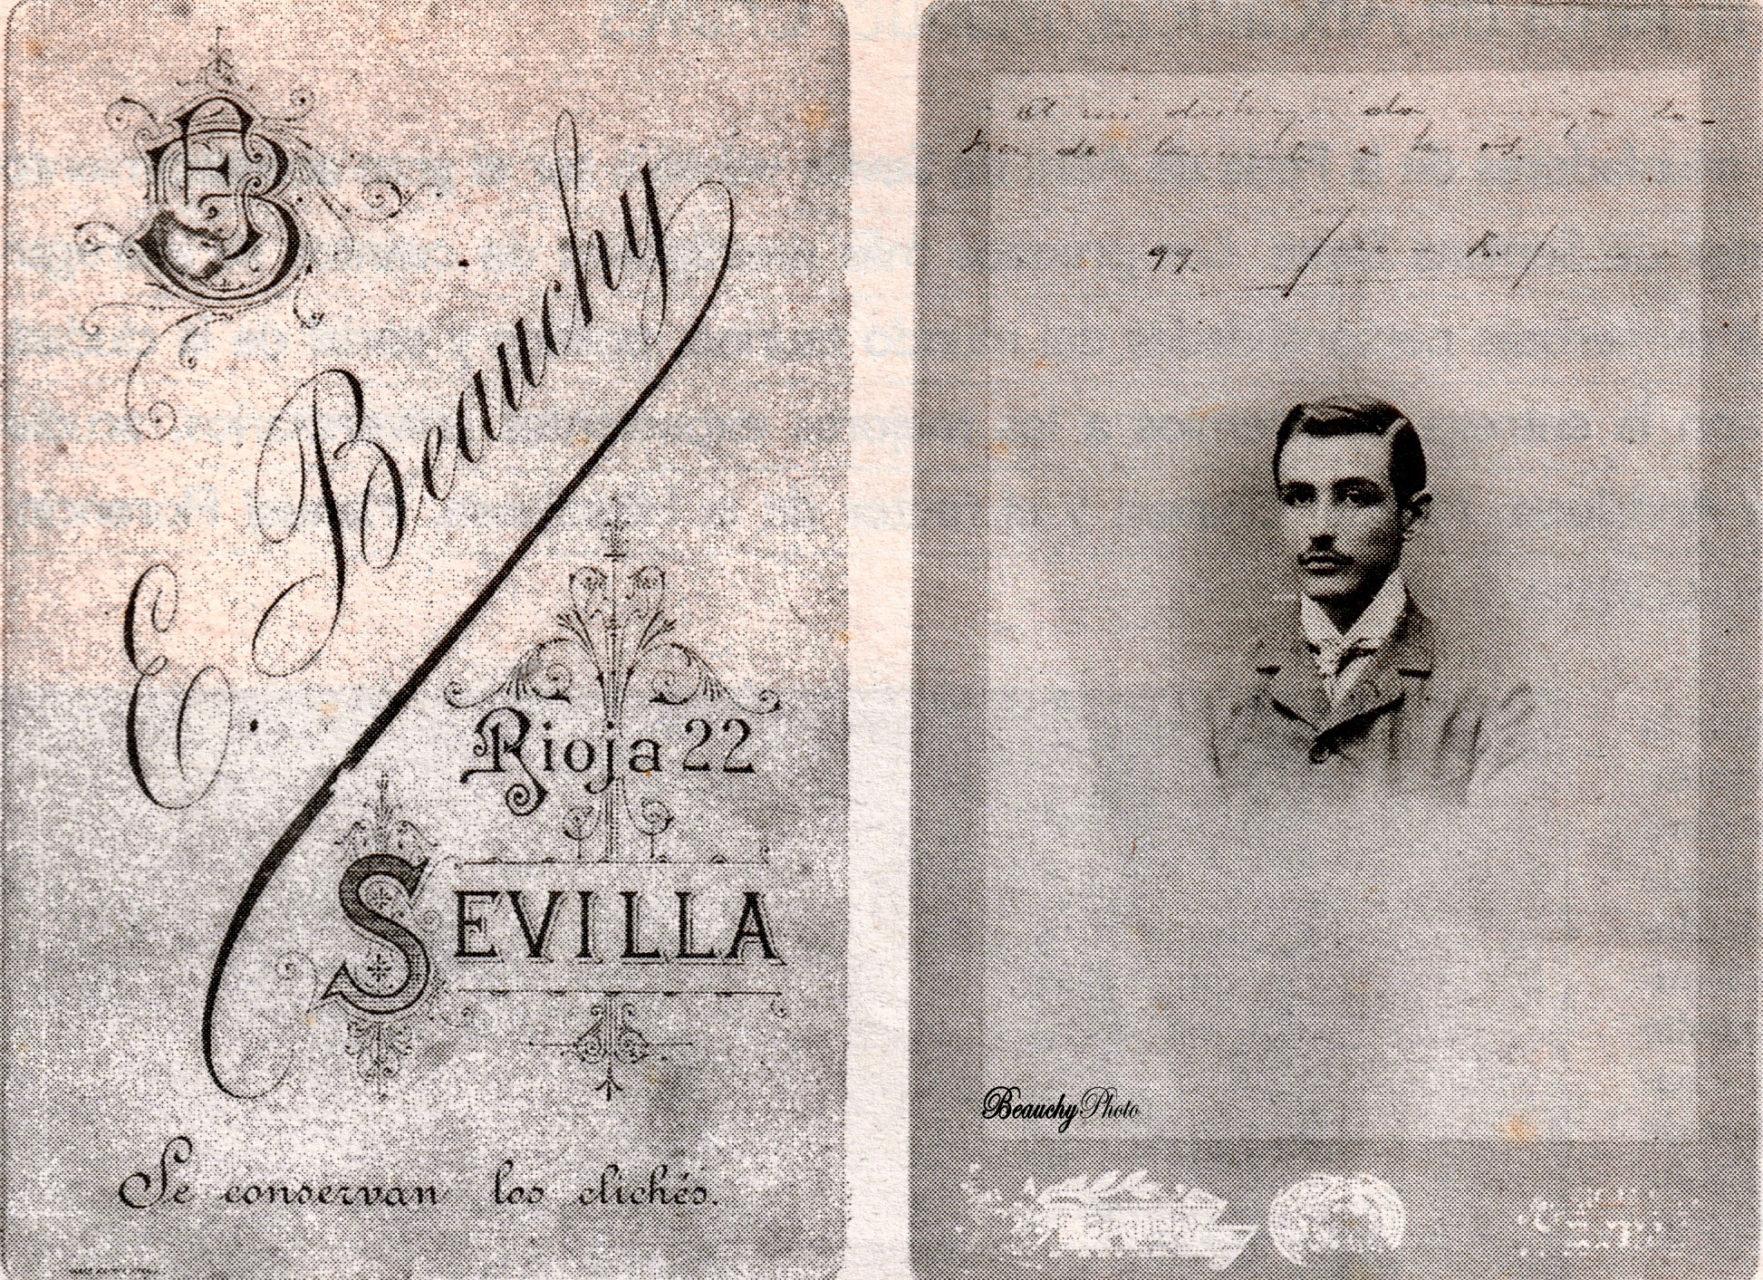 Fotografía y su reverso de Juan Ramón Jimenez